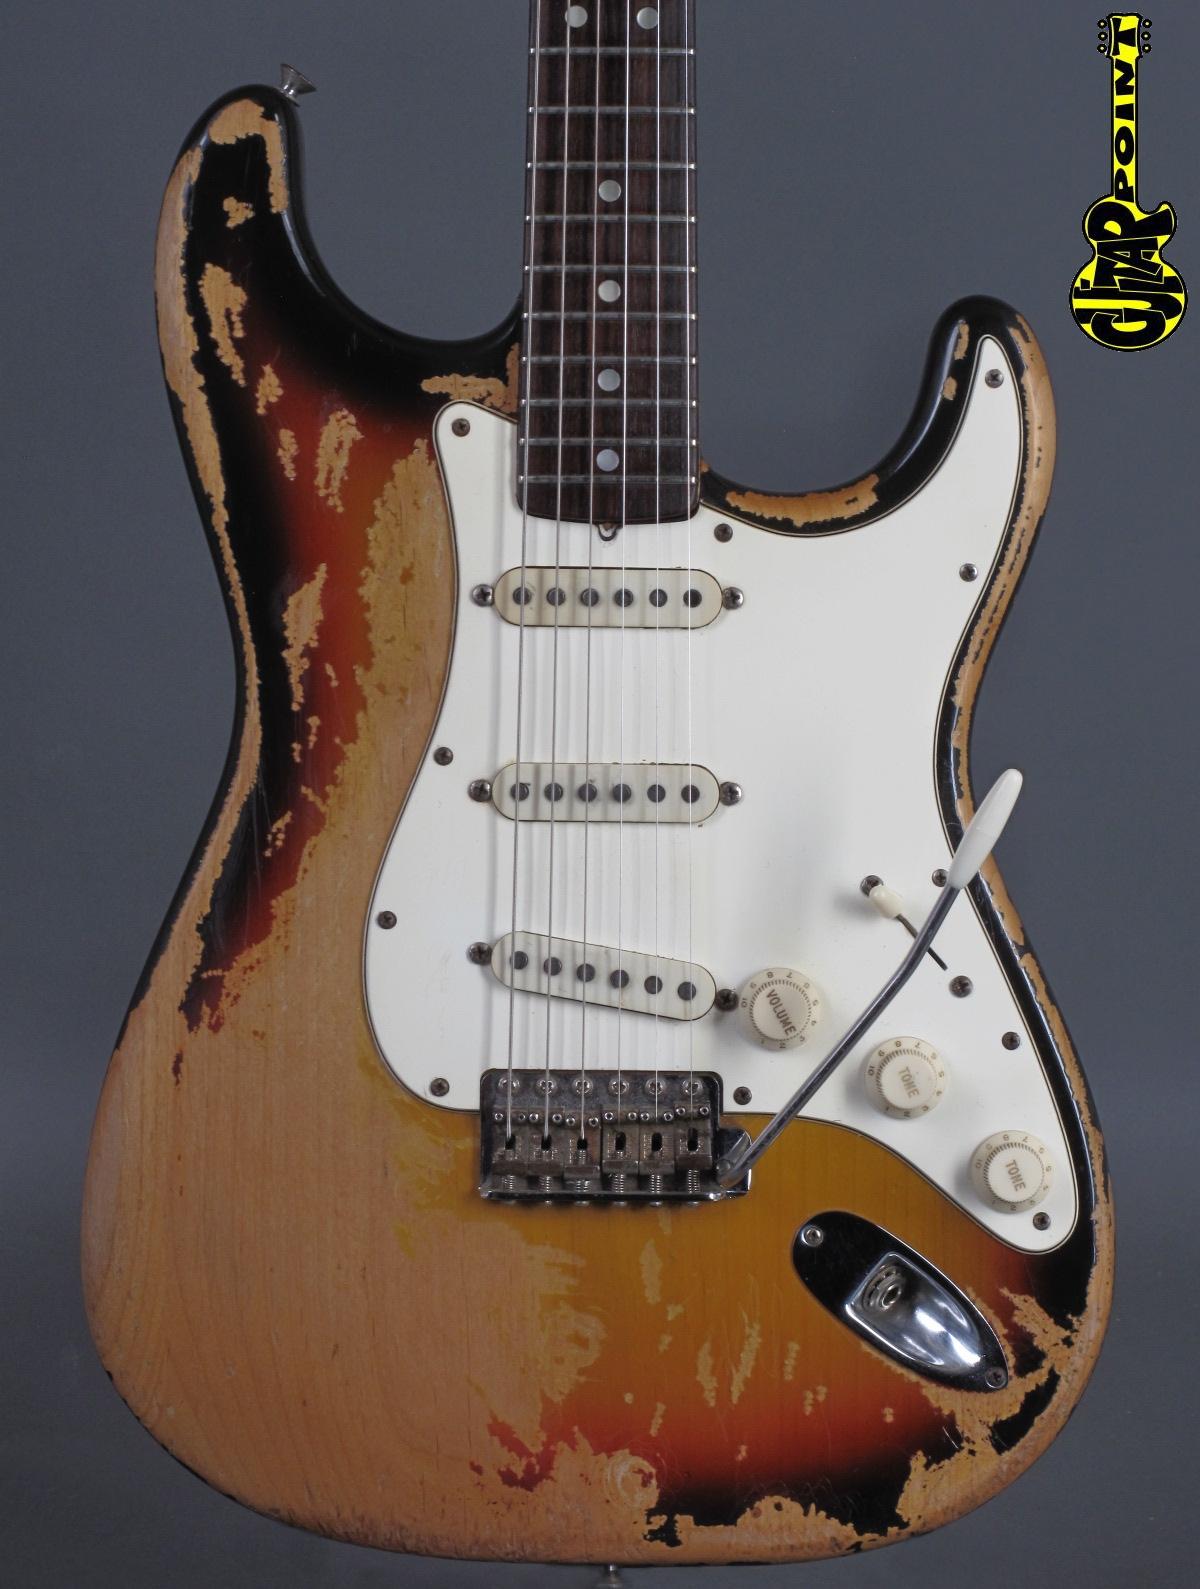 1968 Fender Stratocaster 3t Sunburst - ...heavy playwear !